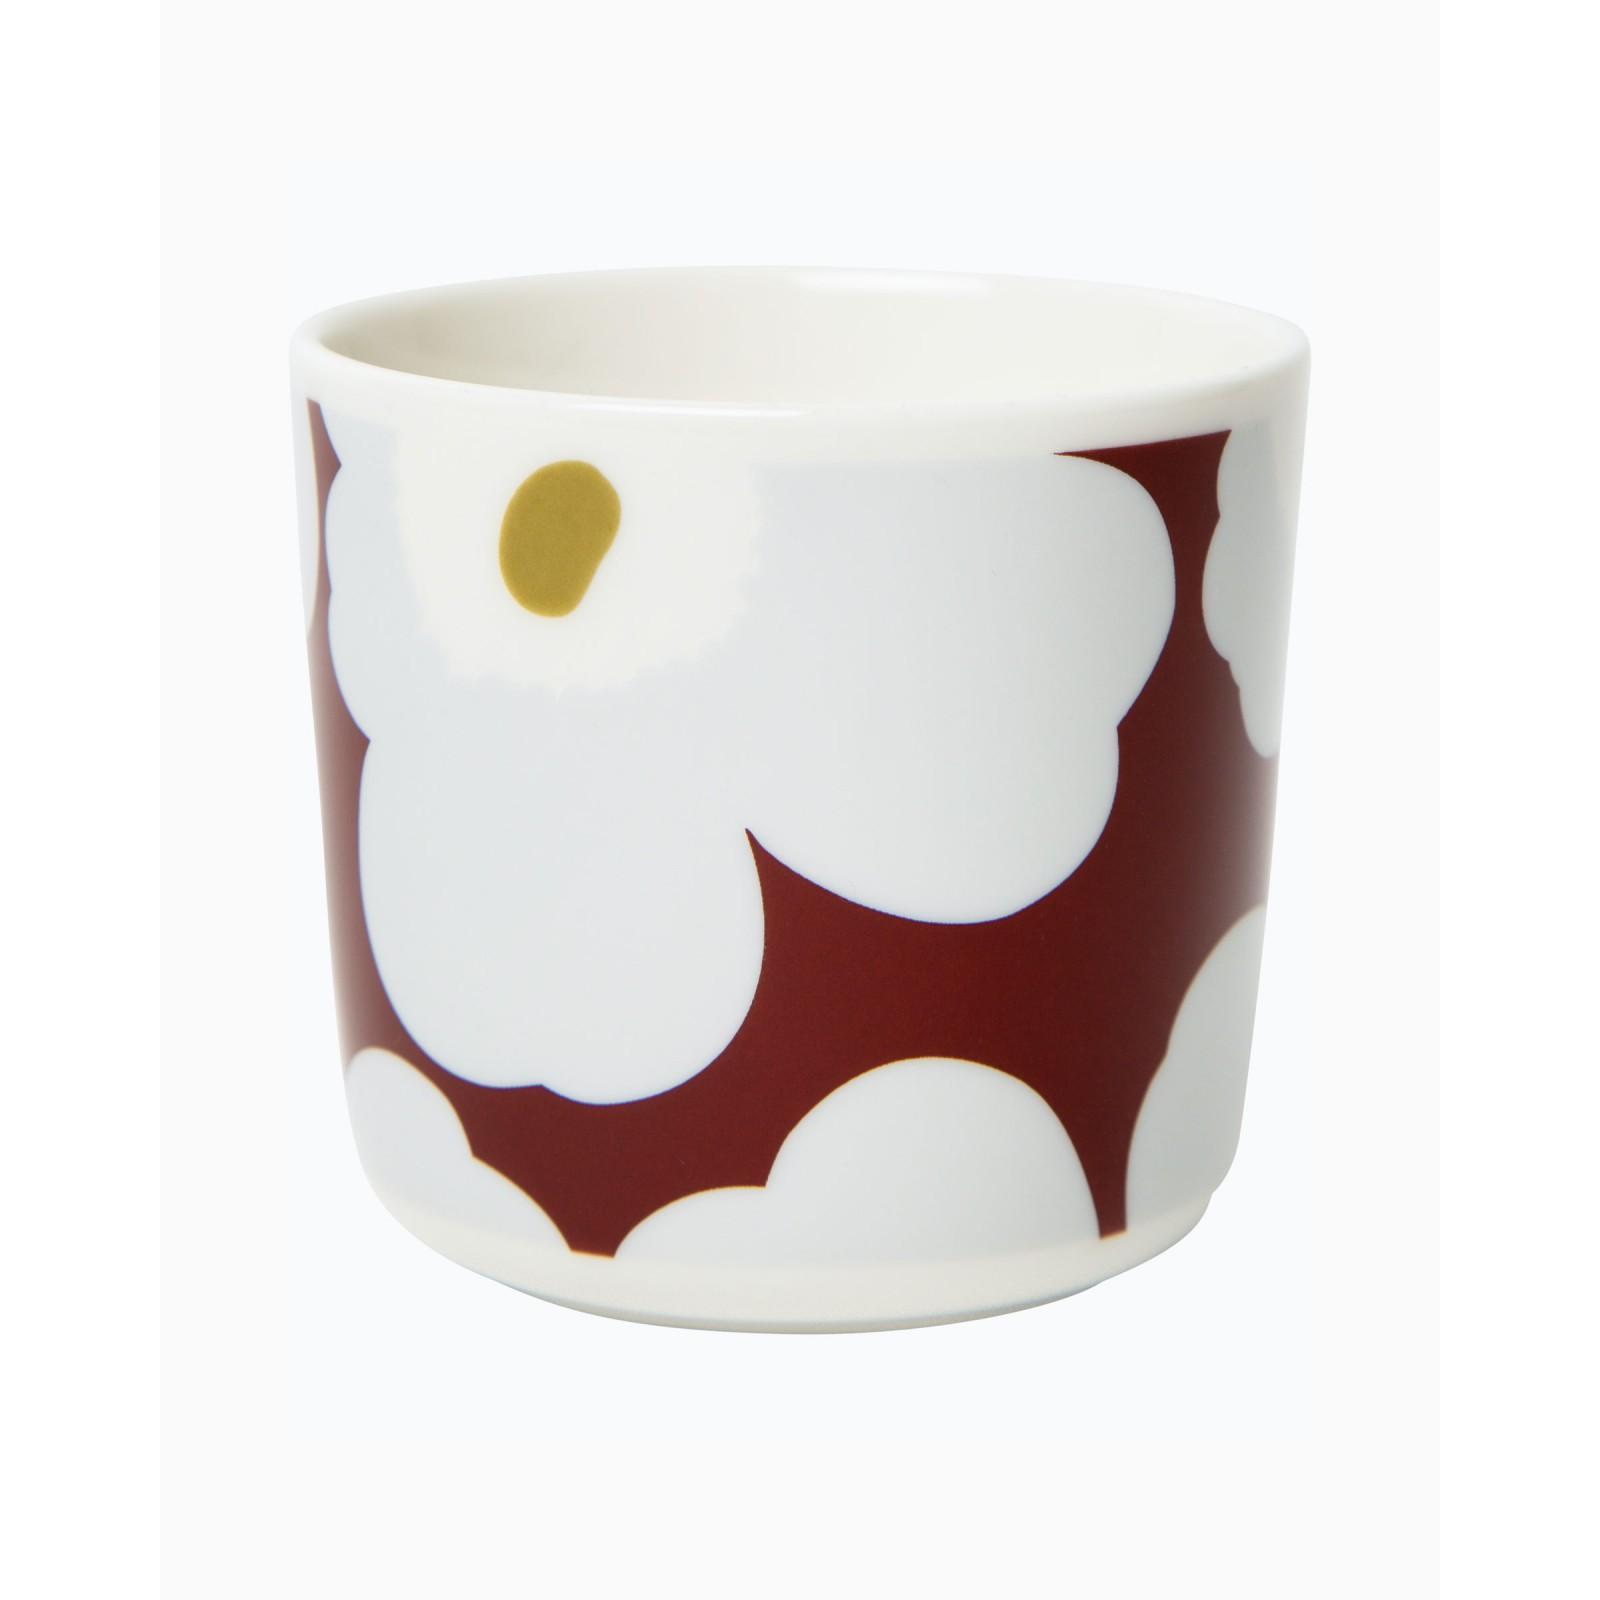 Marimekko Unikko Cup wo Handle Red/Yellow Dot